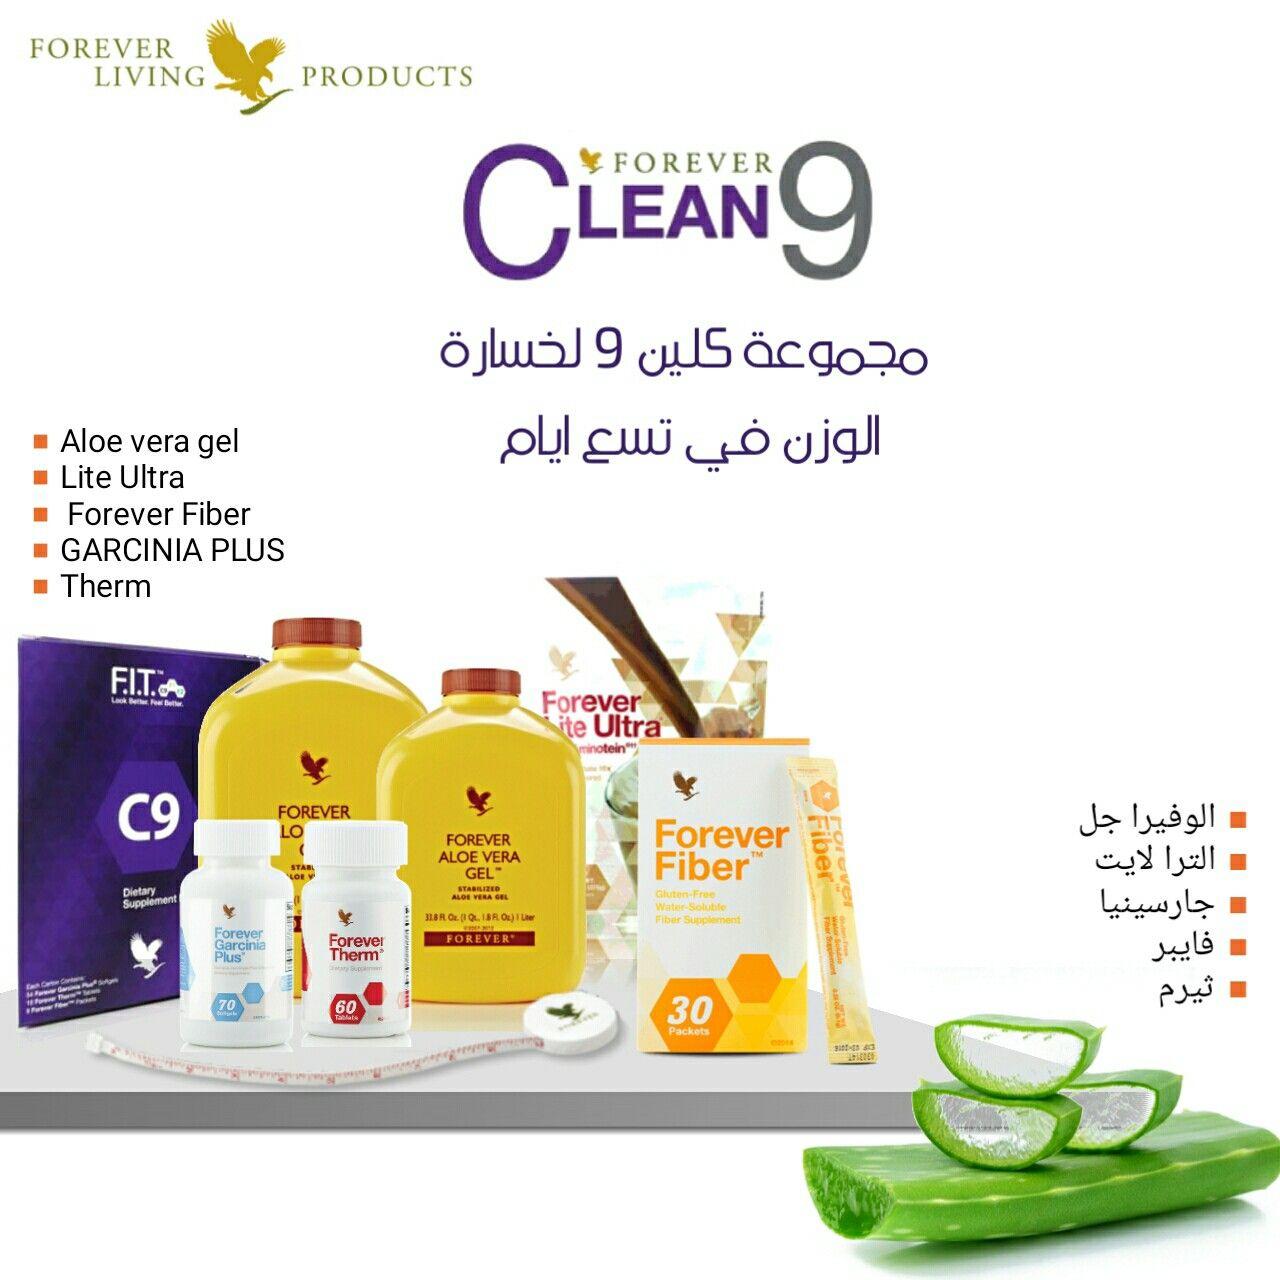 كلين9 مجموعة من المكملات الطبيعية مفيدة جدا لانقاص الوزن و سد الشهية و حرق الدهون كل منتجاتها طبيعية ليس لها اى اثار جانب Fibre Gel Aloe Gel Forever Aloe